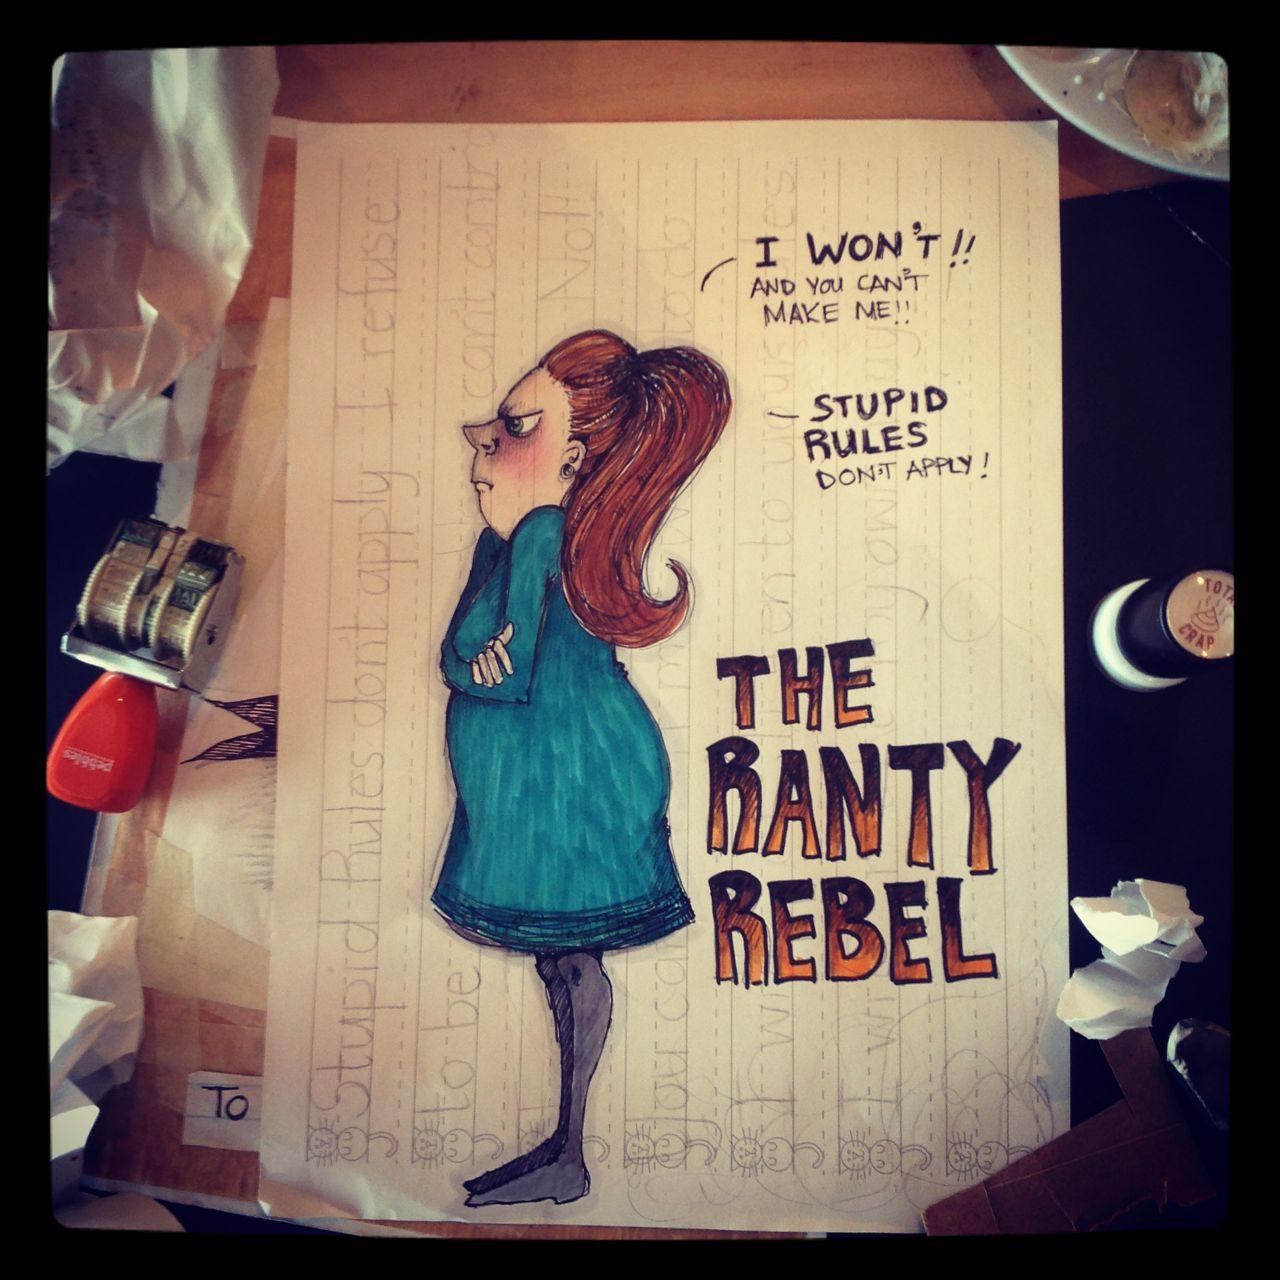 ranty